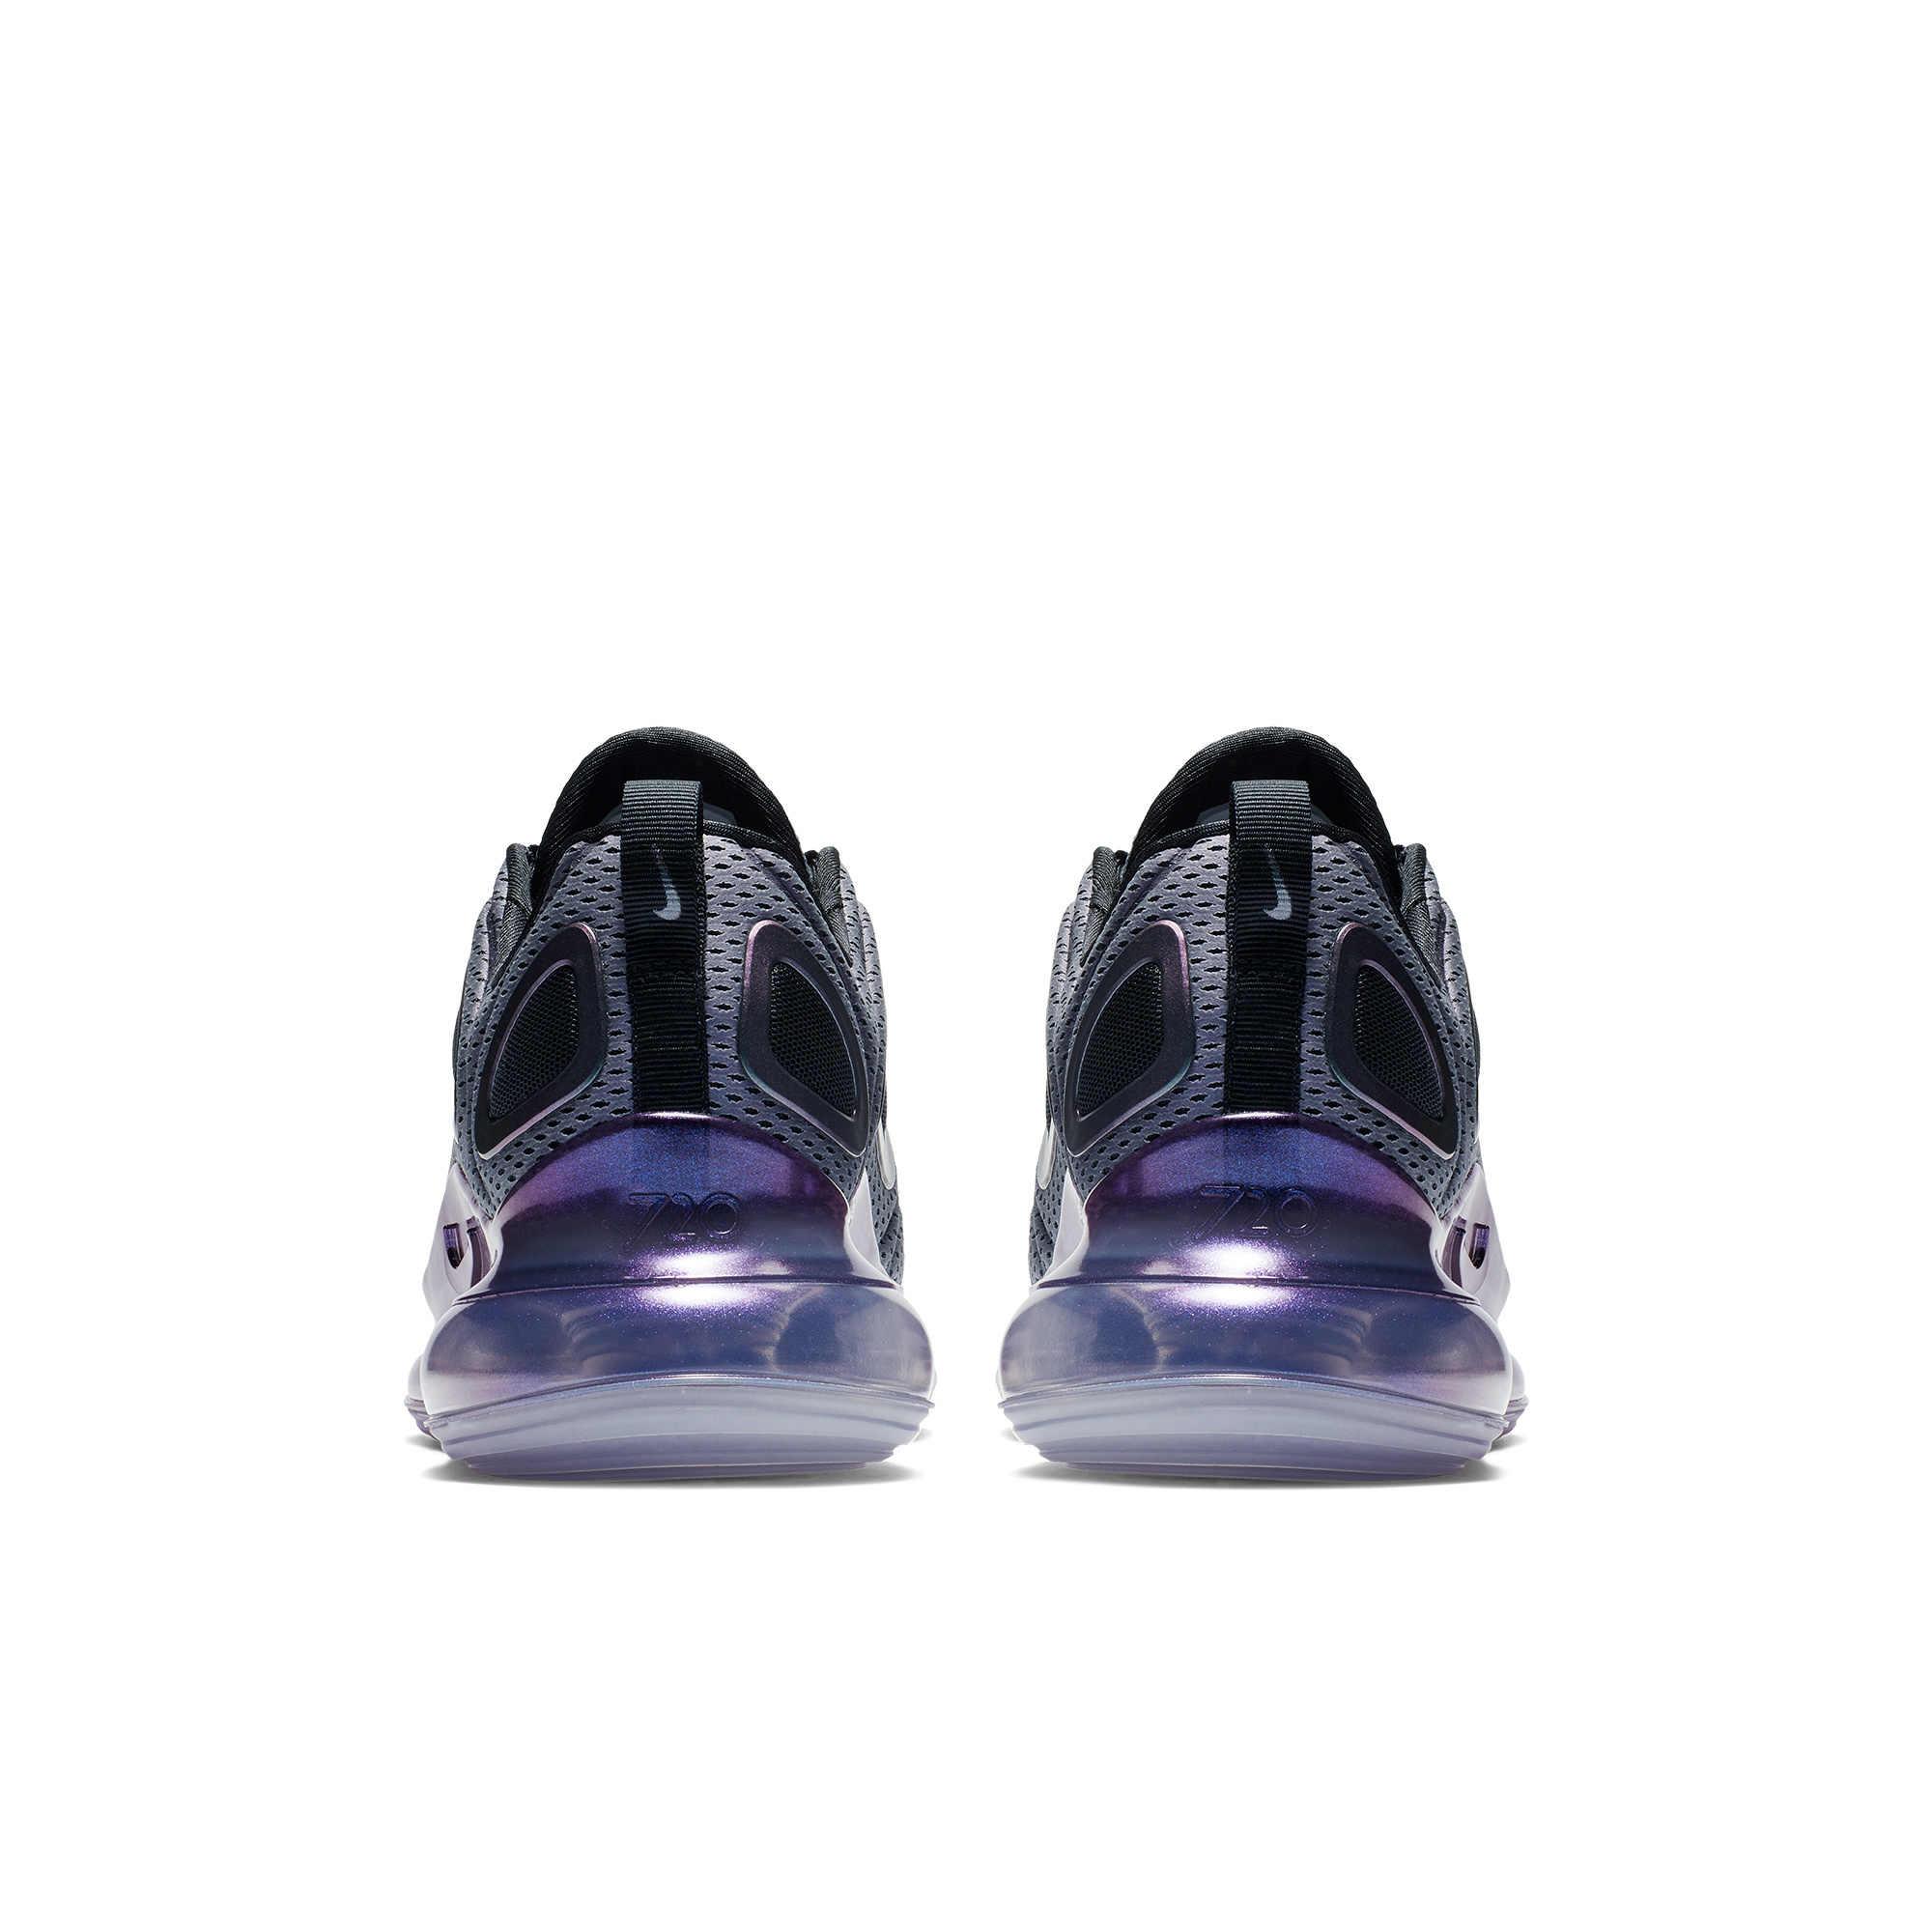 نايك الجوية ماكس 720 جديد وصول الرجال احذية الجري مريحة تنفس وسادة هوائية حذاء الرياضة في الهواء الطلق # AO2924-001